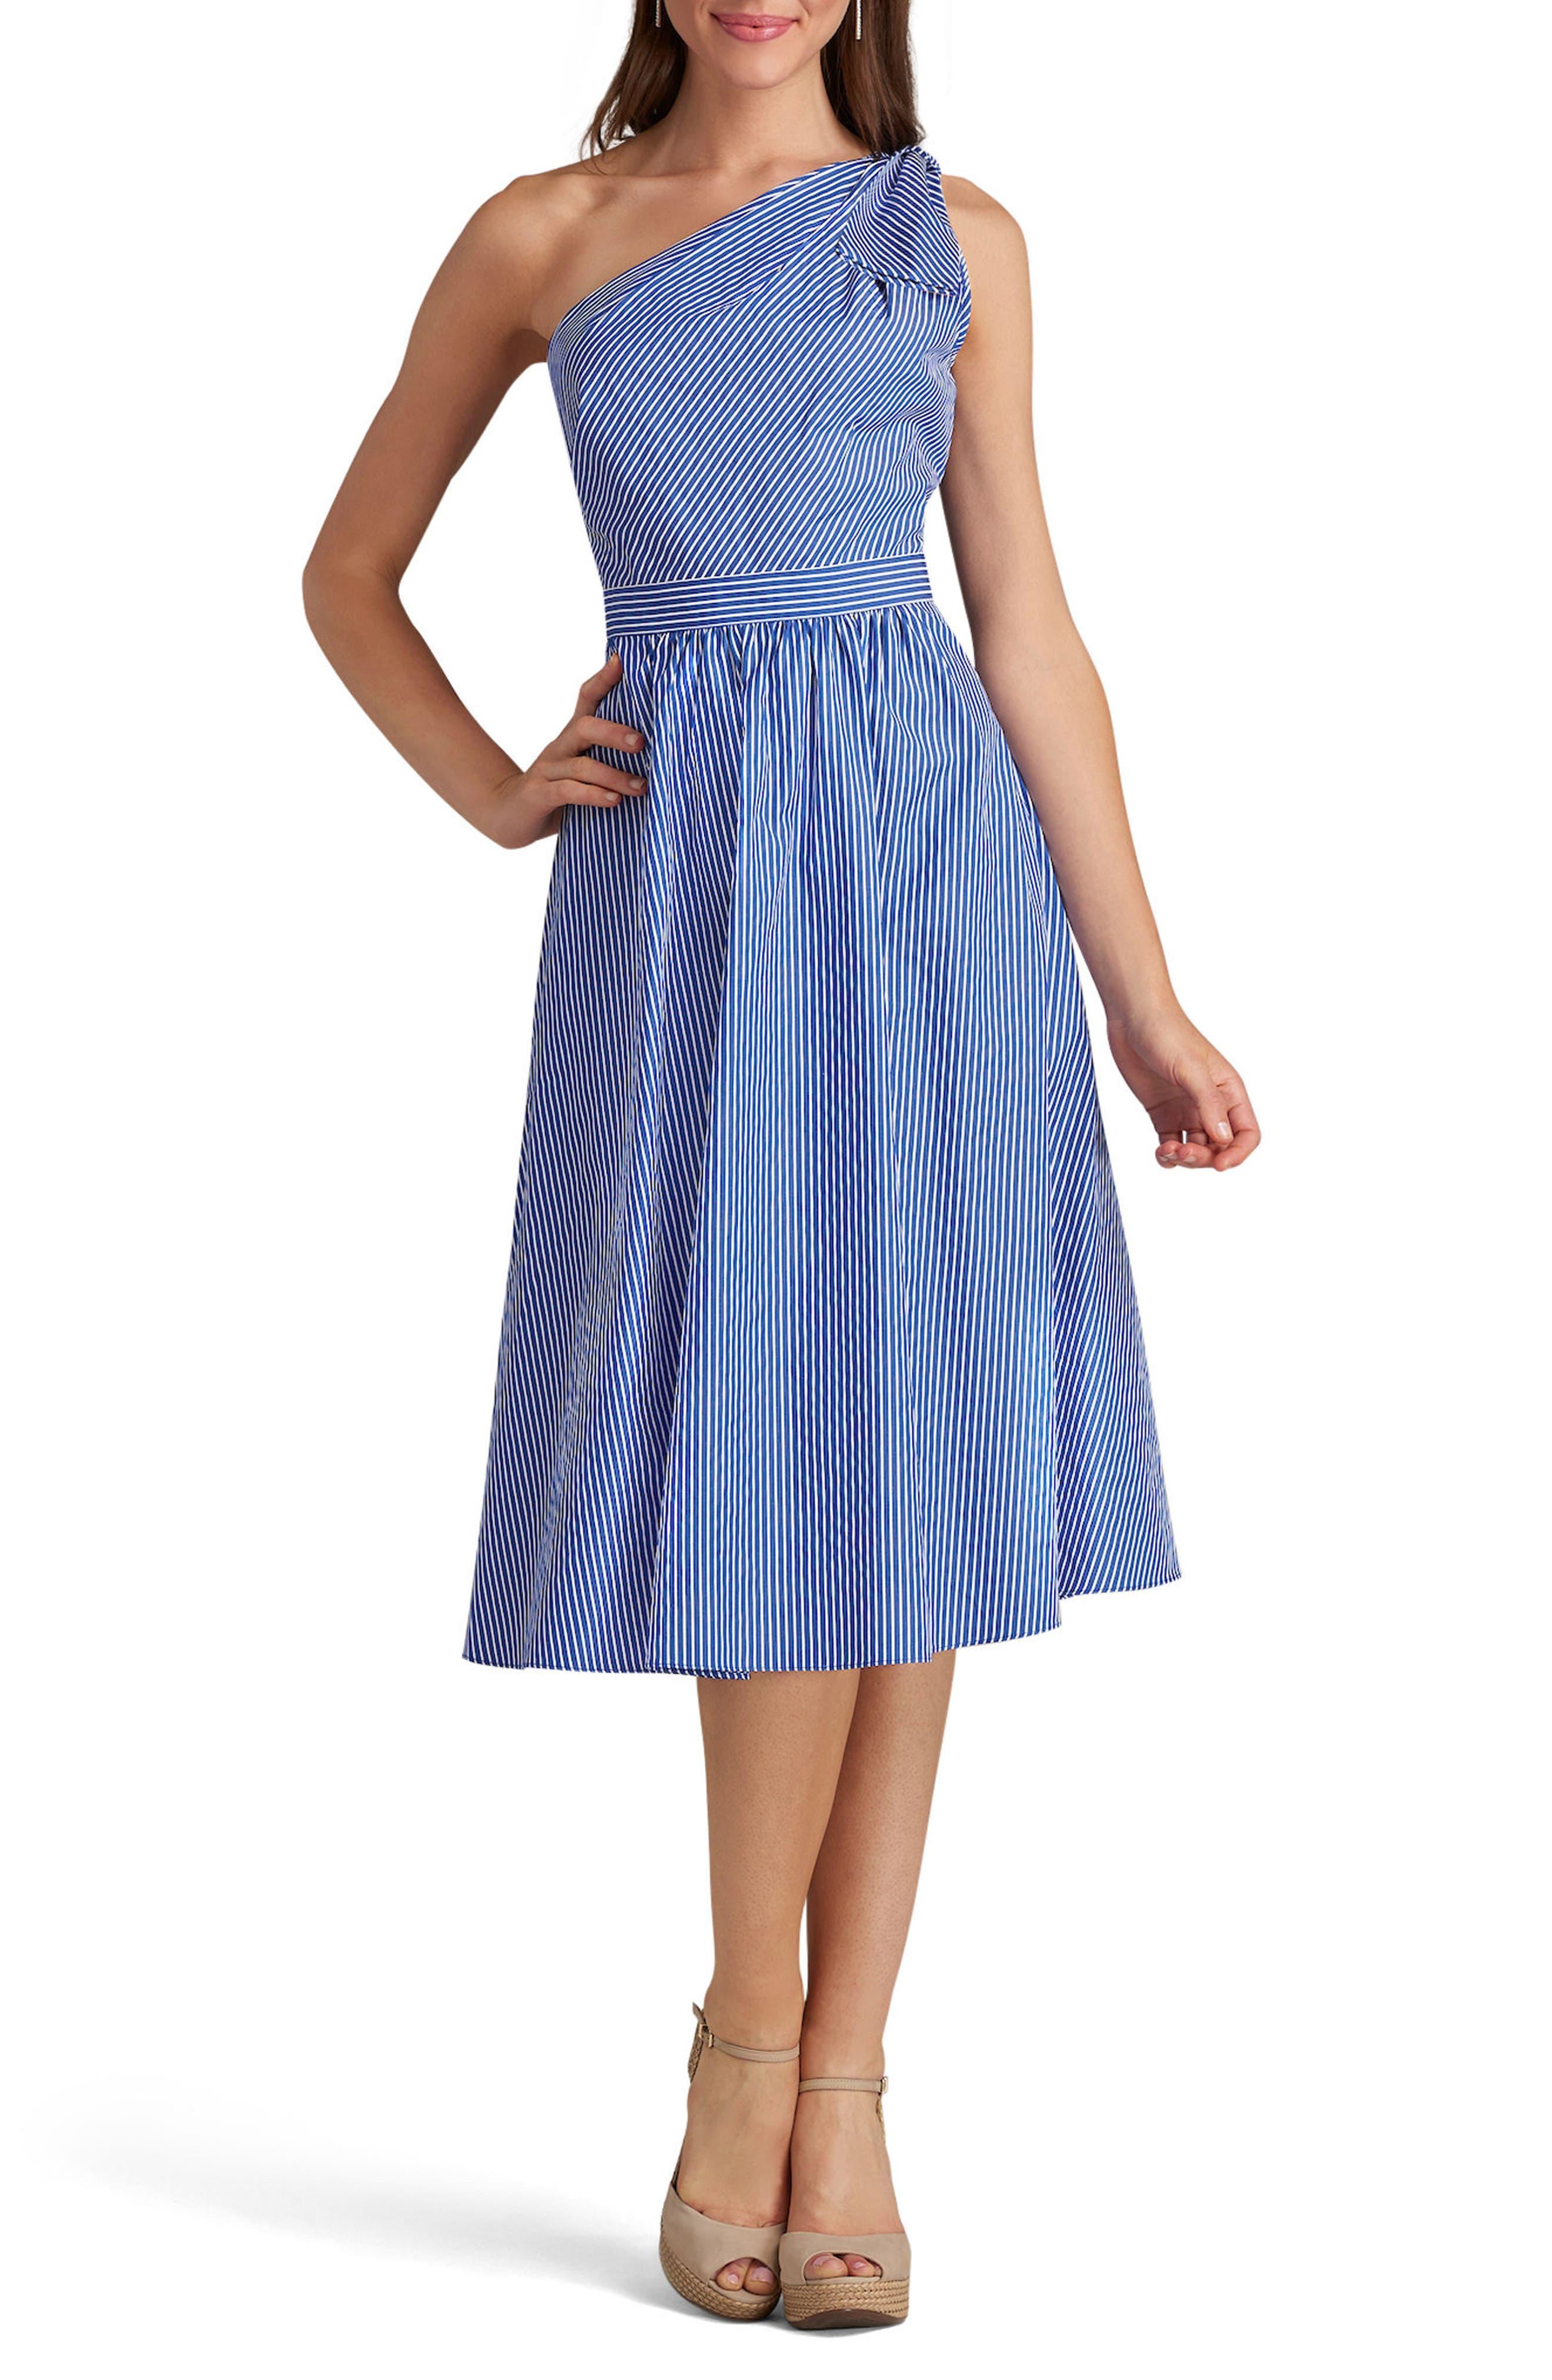 Alternate Image 1 Selected - ECI One-Shoulder Dress